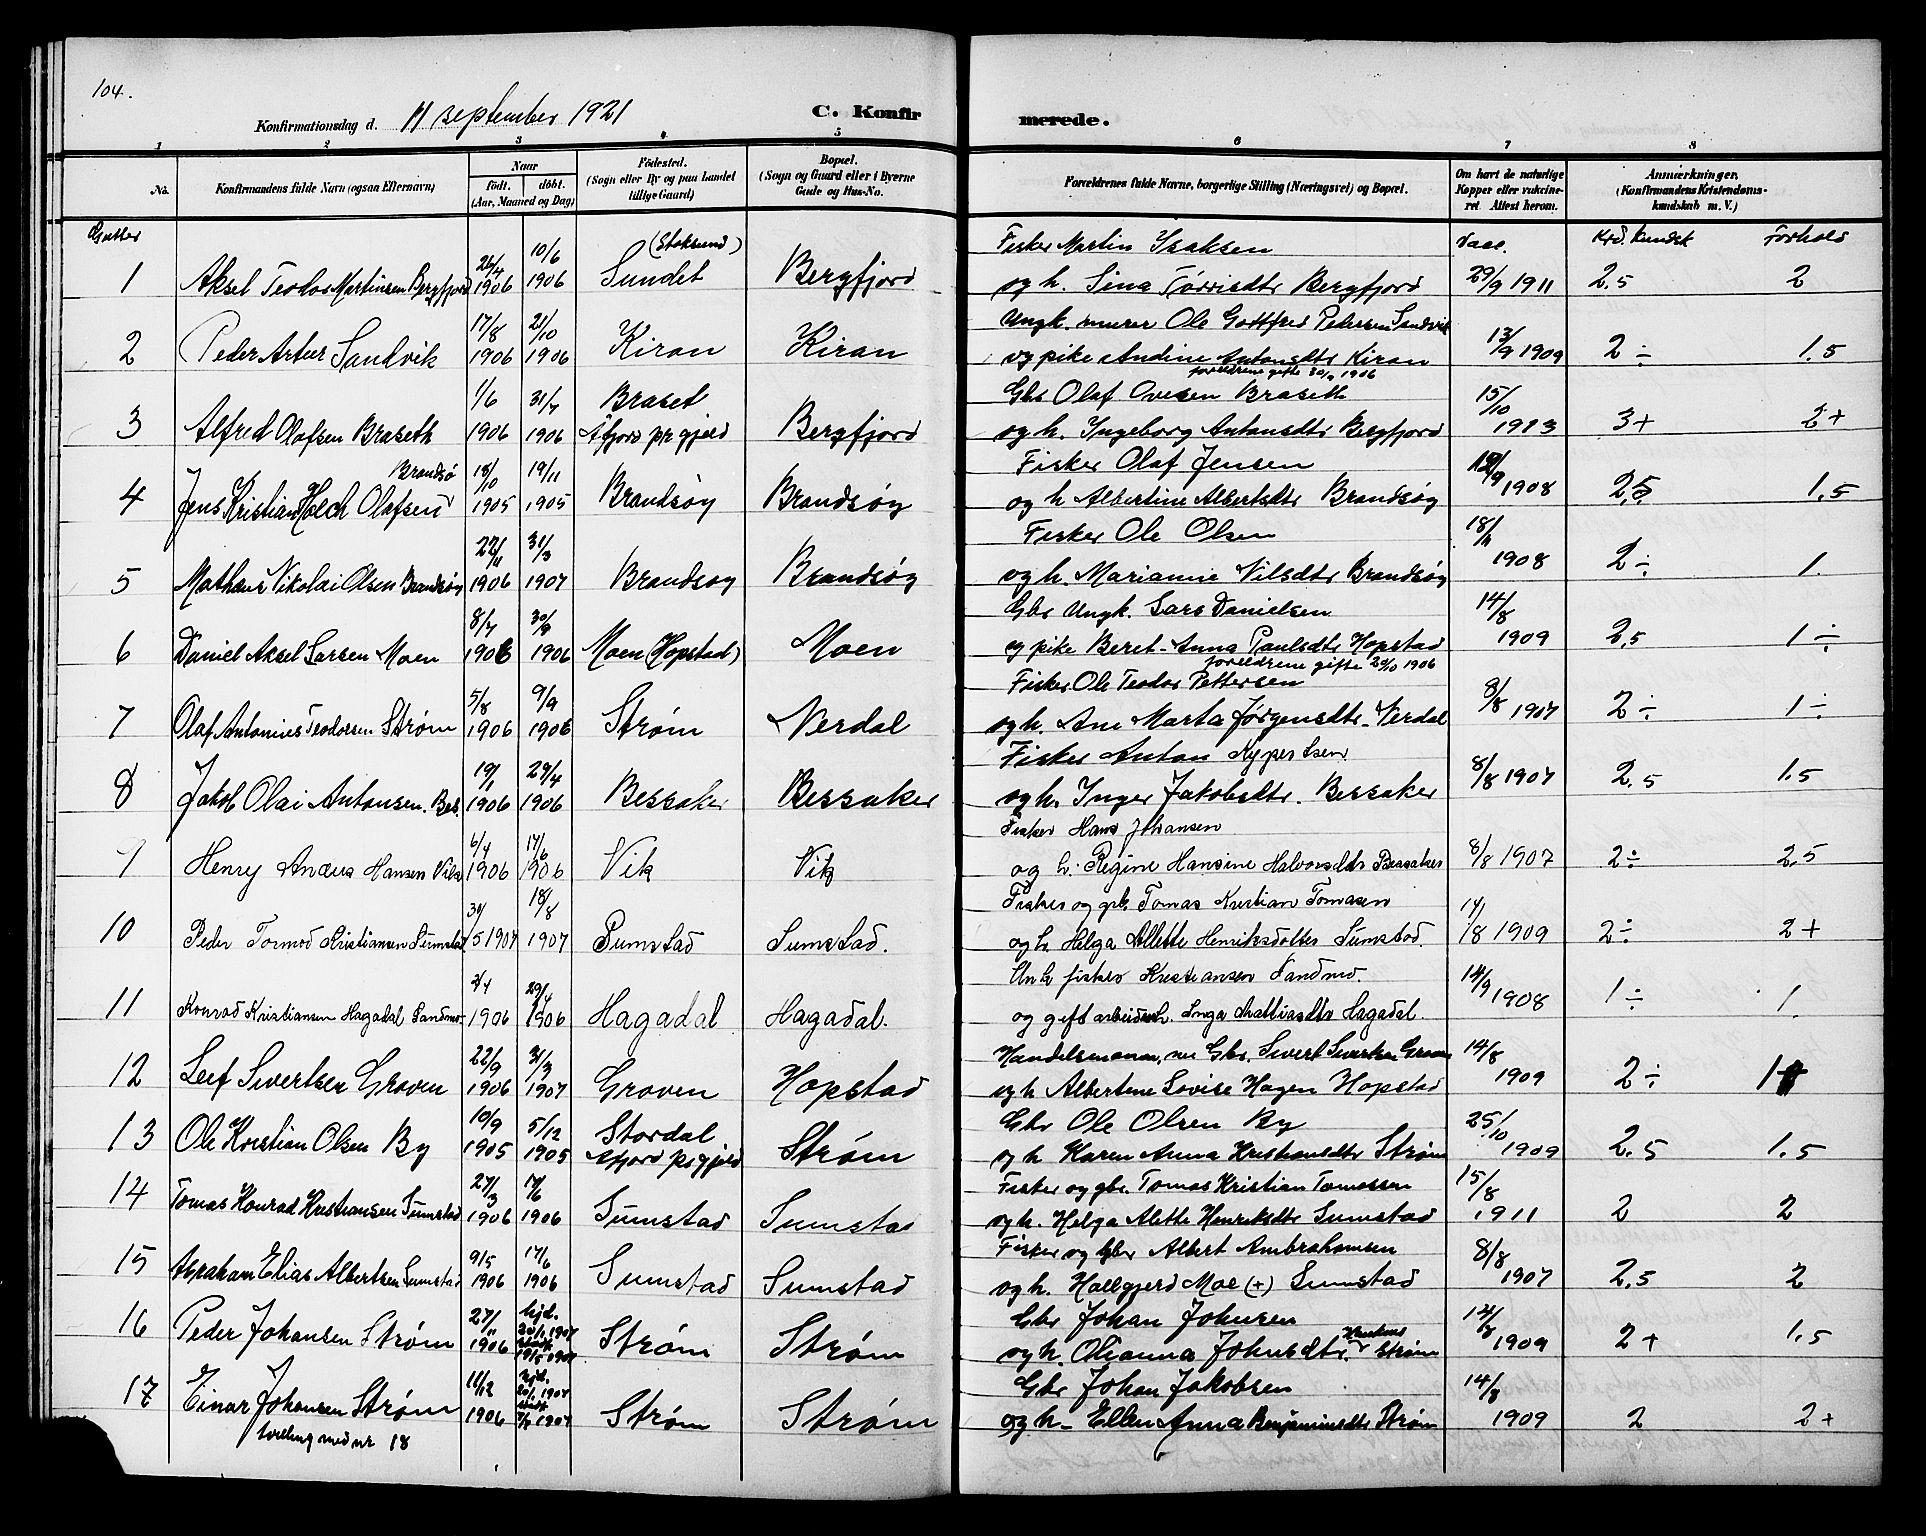 SAT, Ministerialprotokoller, klokkerbøker og fødselsregistre - Sør-Trøndelag, 657/L0717: Klokkerbok nr. 657C04, 1904-1923, s. 104